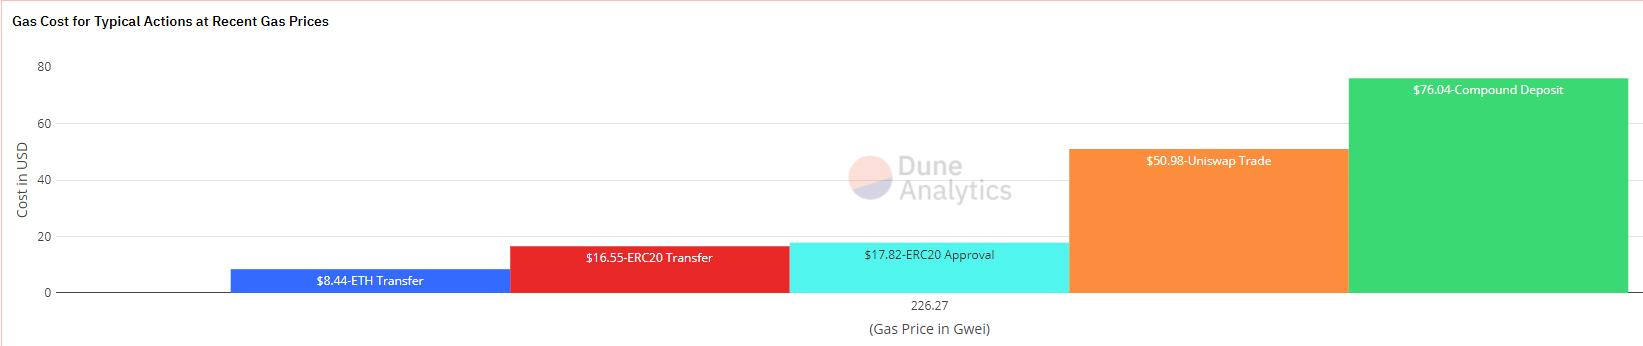 Стоимость газа при типичных операциях в экосистеме Ethereum.